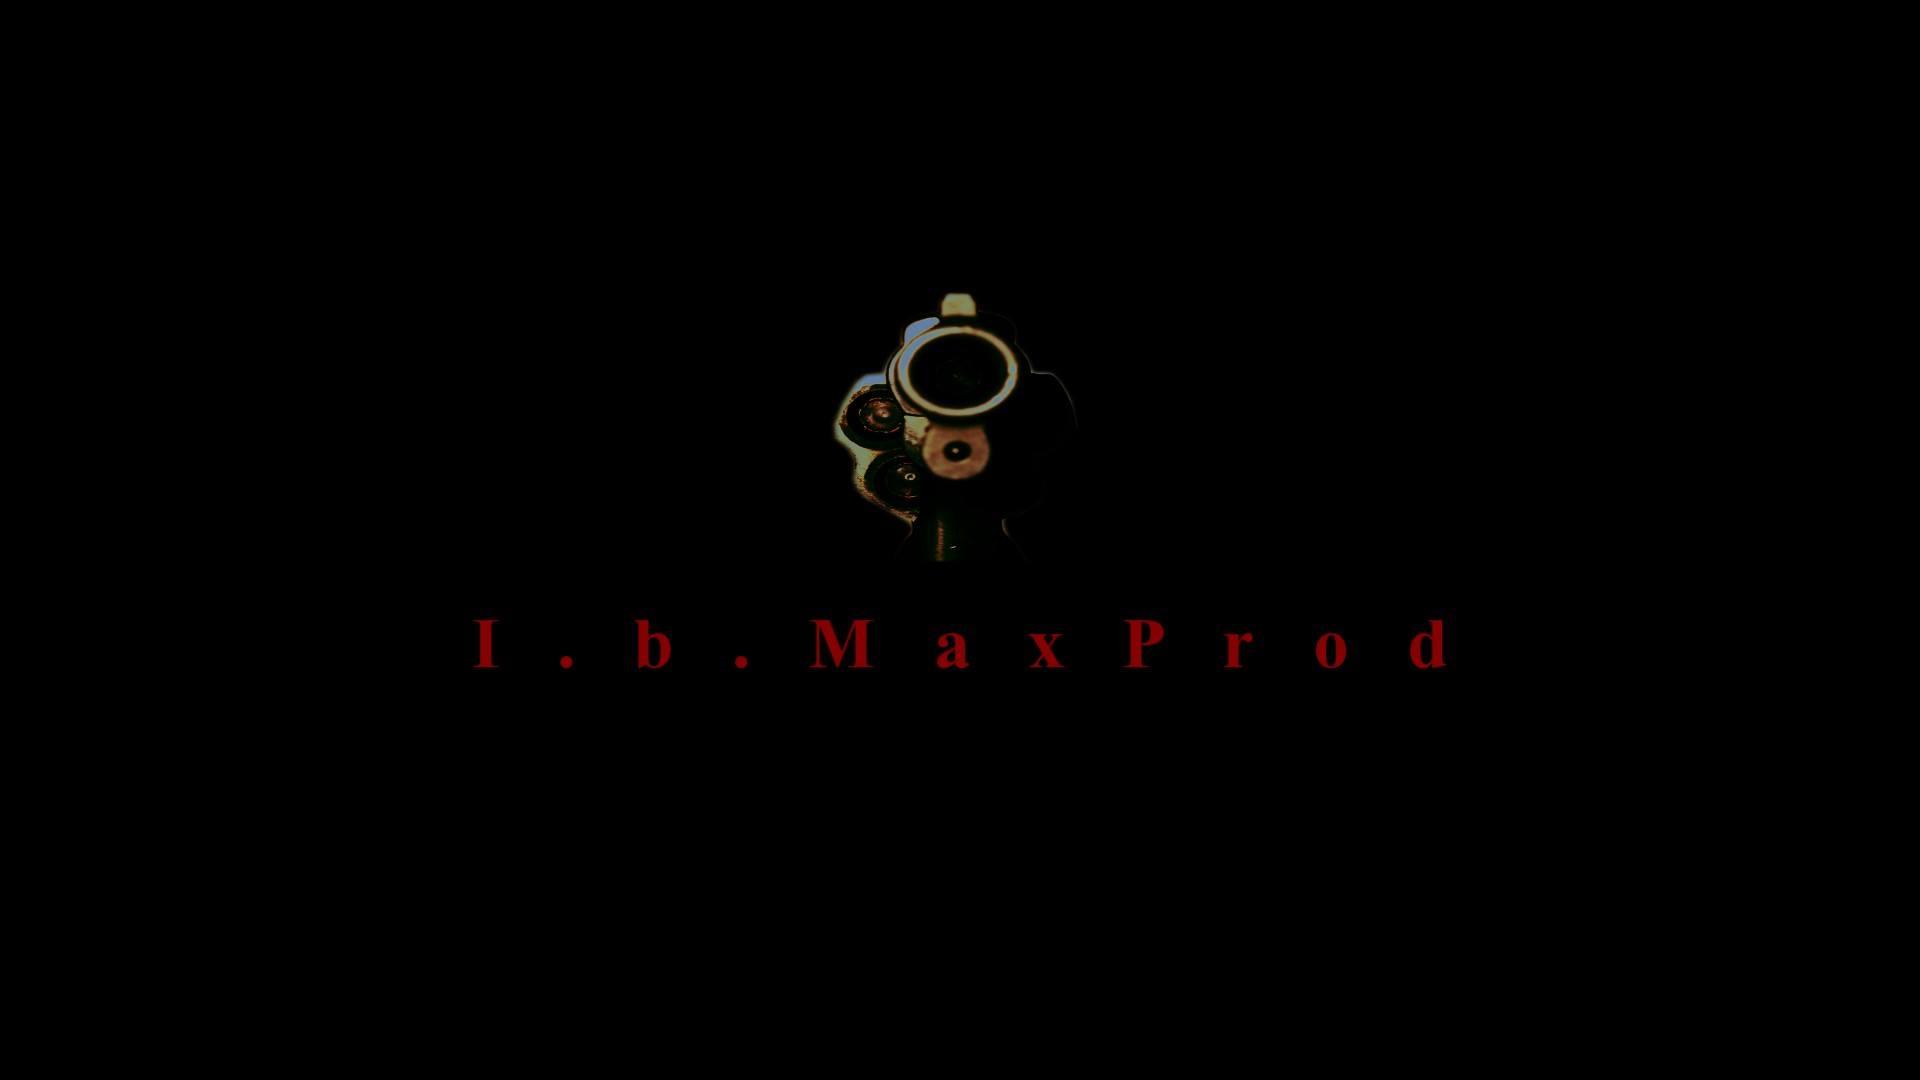 IBMAXPROD